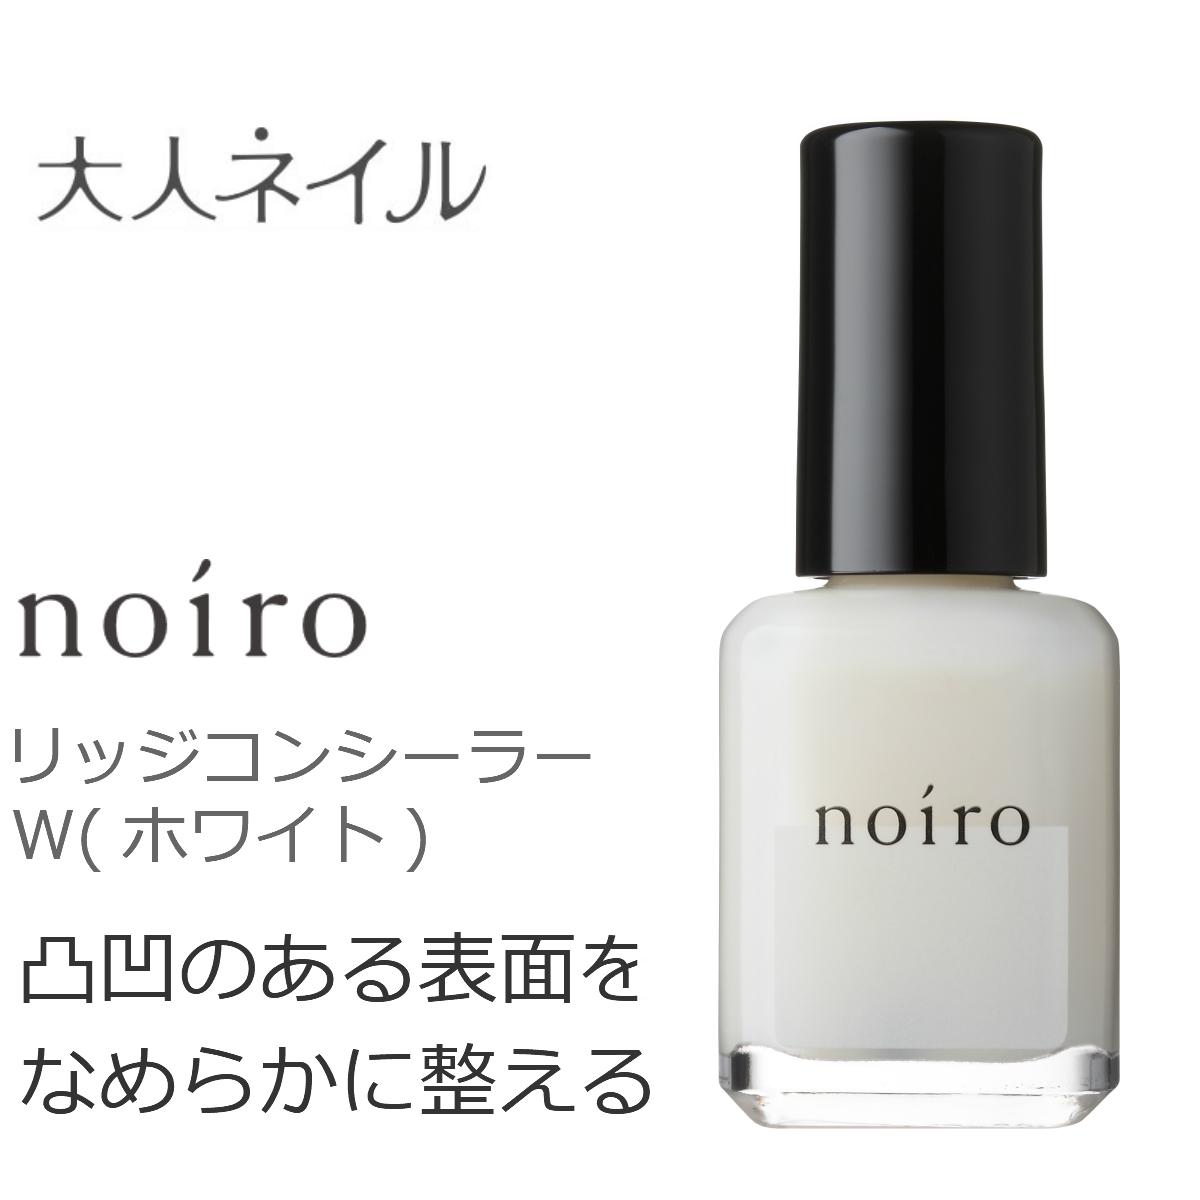 noiro ノイロ リッジコンシーラー W(ホワイト) 11ml 爪に やさしい マニキュア セルフネイル ベースコート 凹凸 なめらか